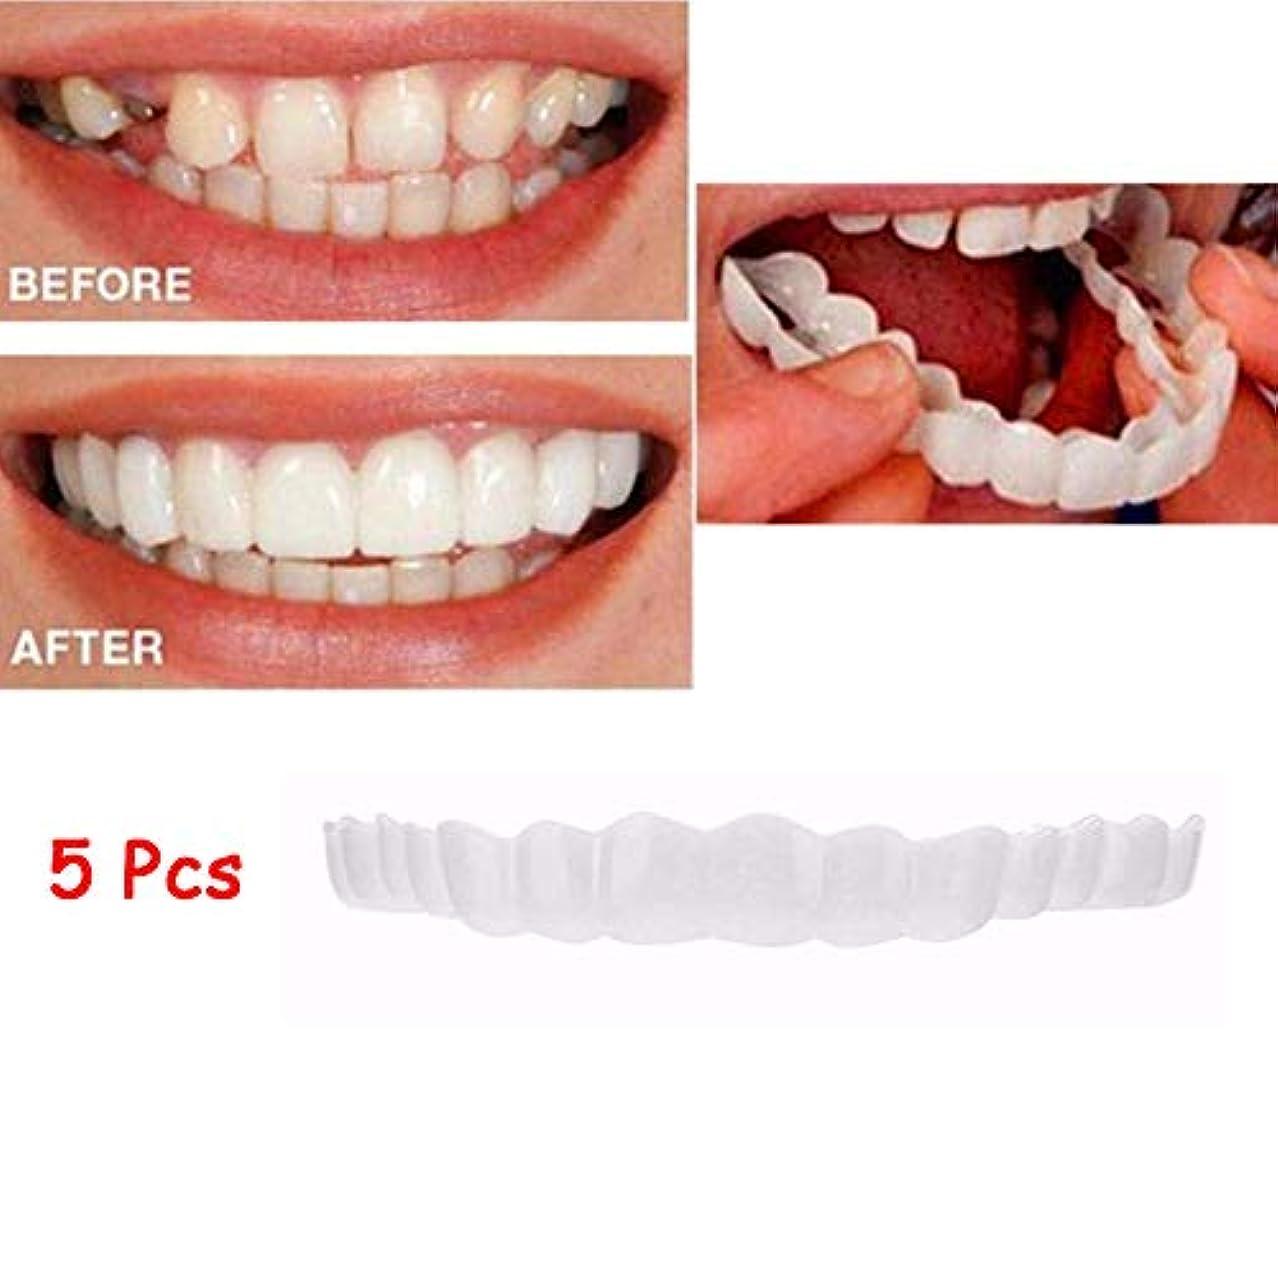 調停者キャリッジ考慮5本突き板、化粧品の歯 - 一時的な笑顔の快適さフレックス歯のベニー